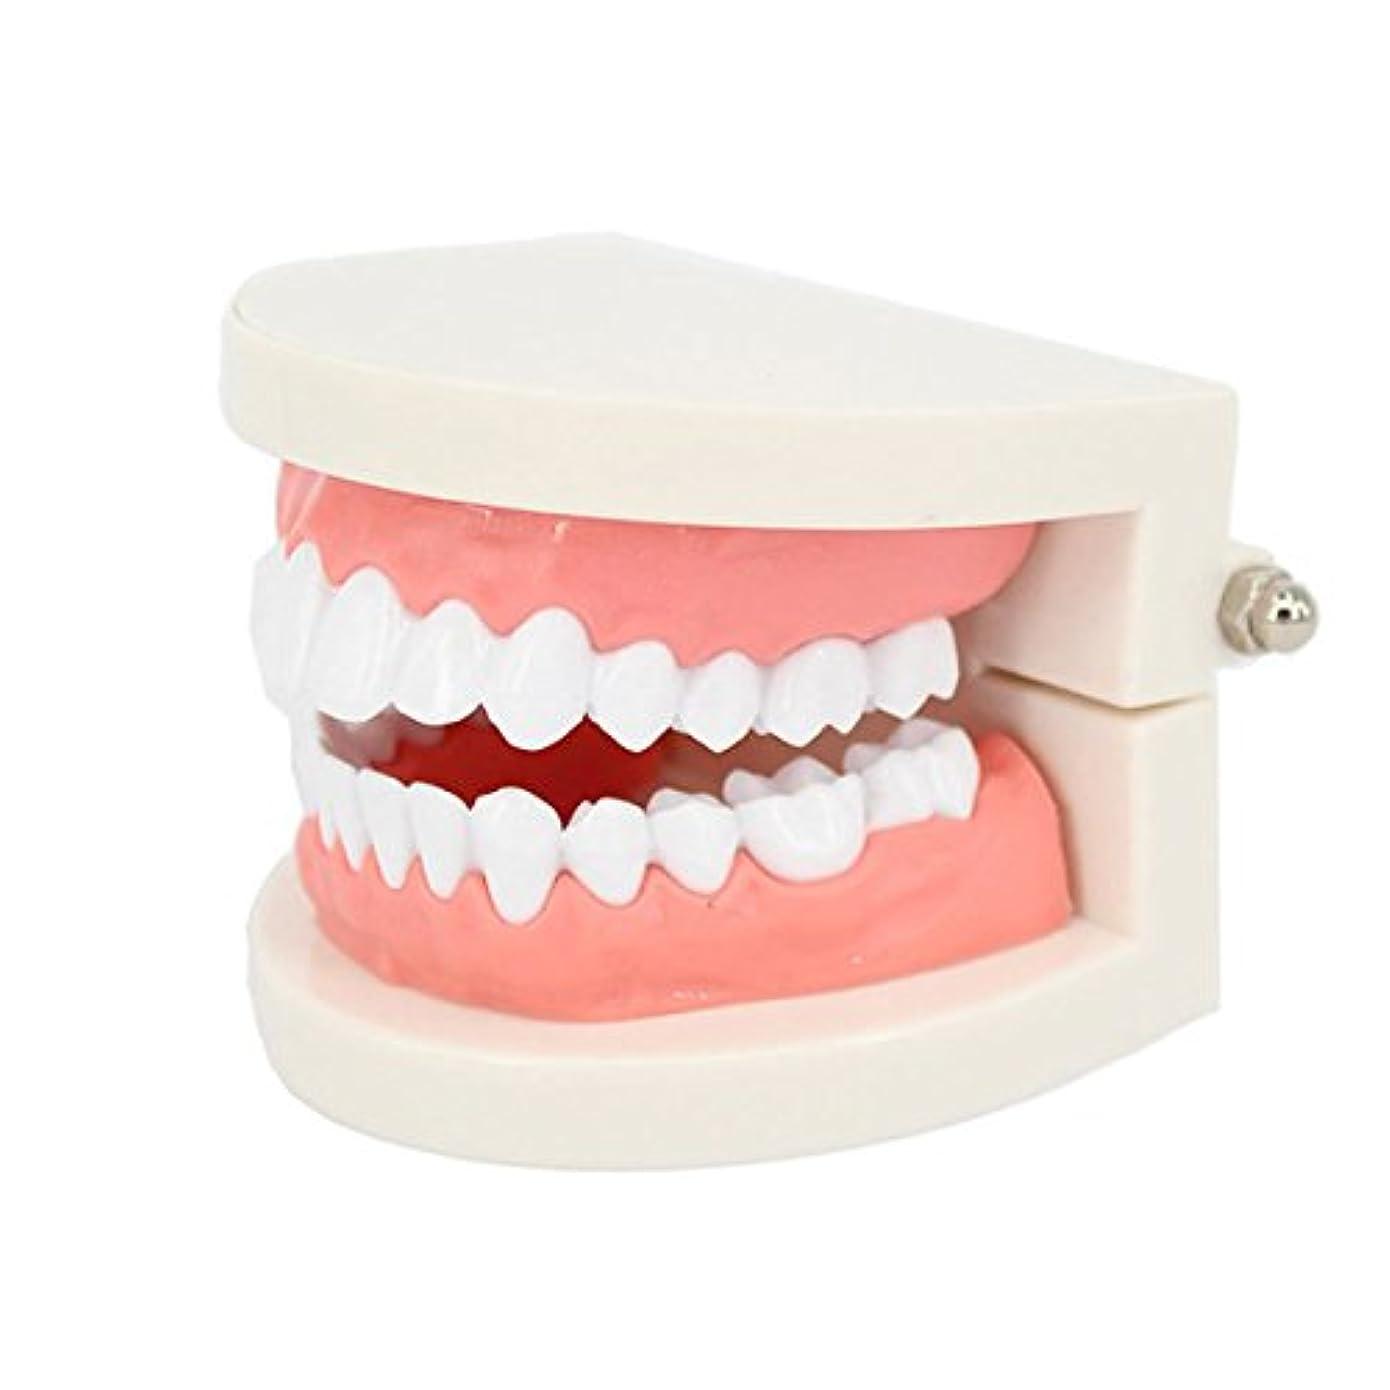 プレーヤー宿命準備するROSENICE 歯科医 歯列模型 歯は着脱可能 指導用模型